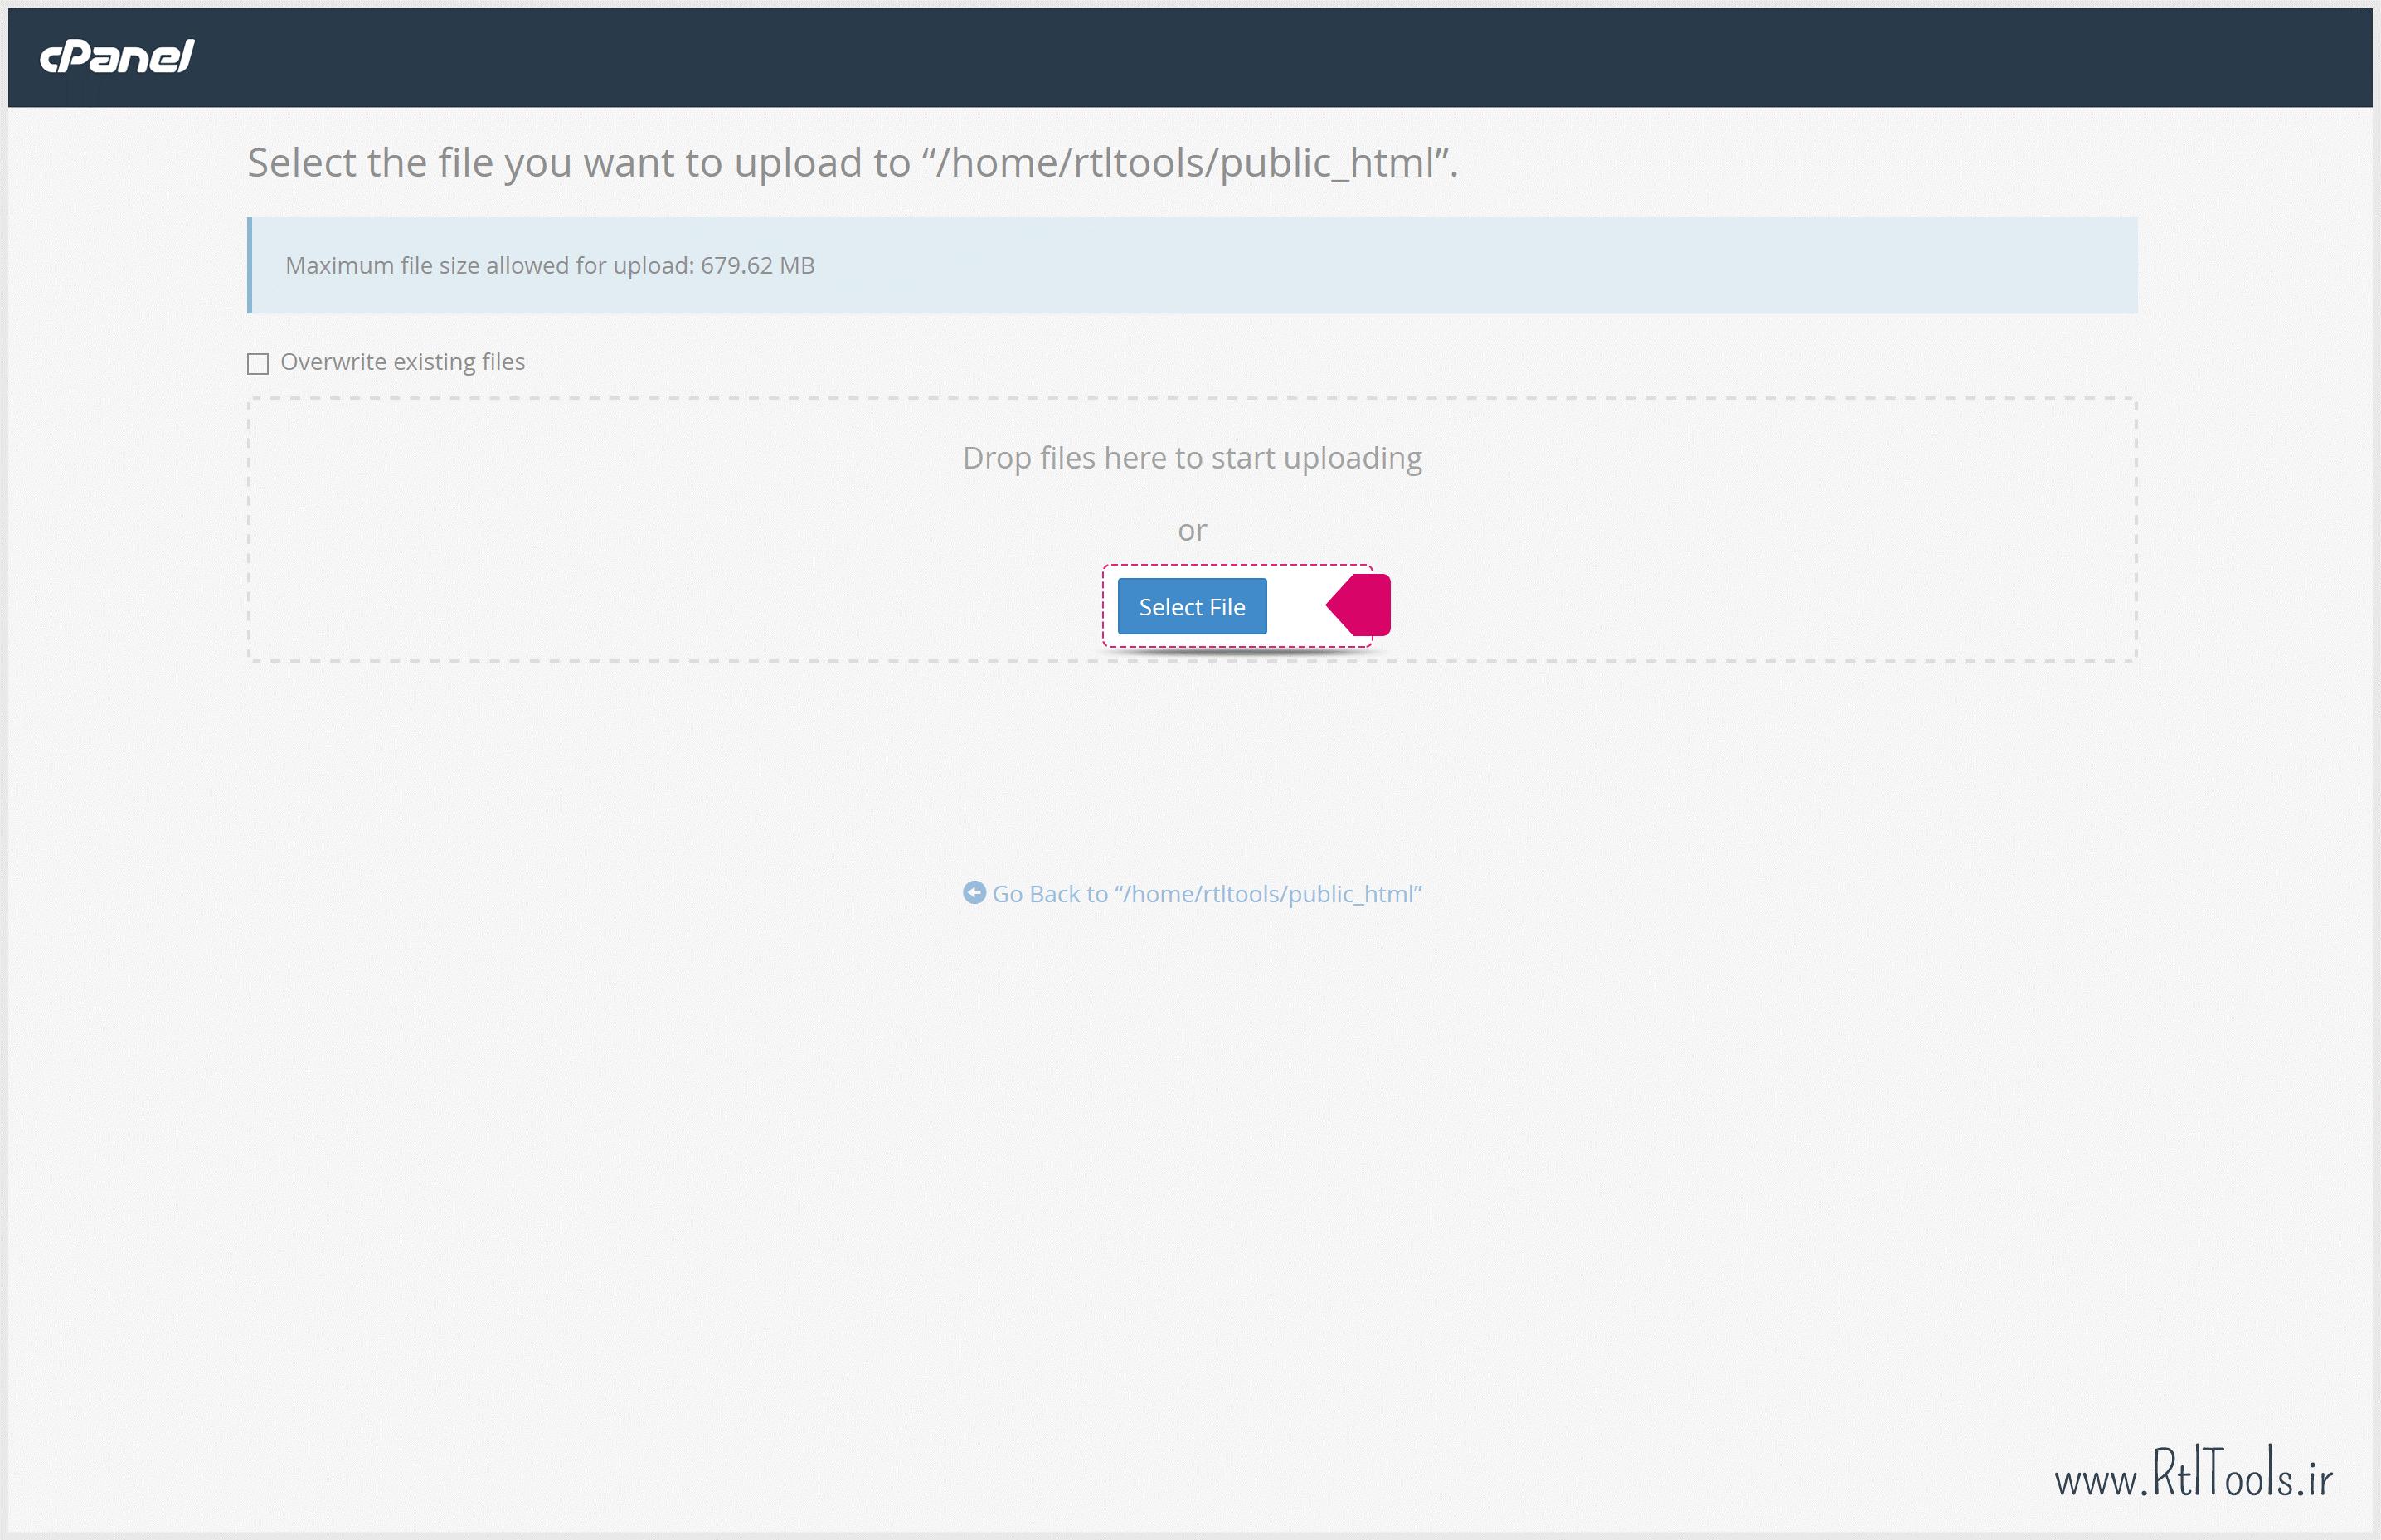 آموزش تصویری راه اندازی بسته نصبی قالب پرستاشاپ 1.7